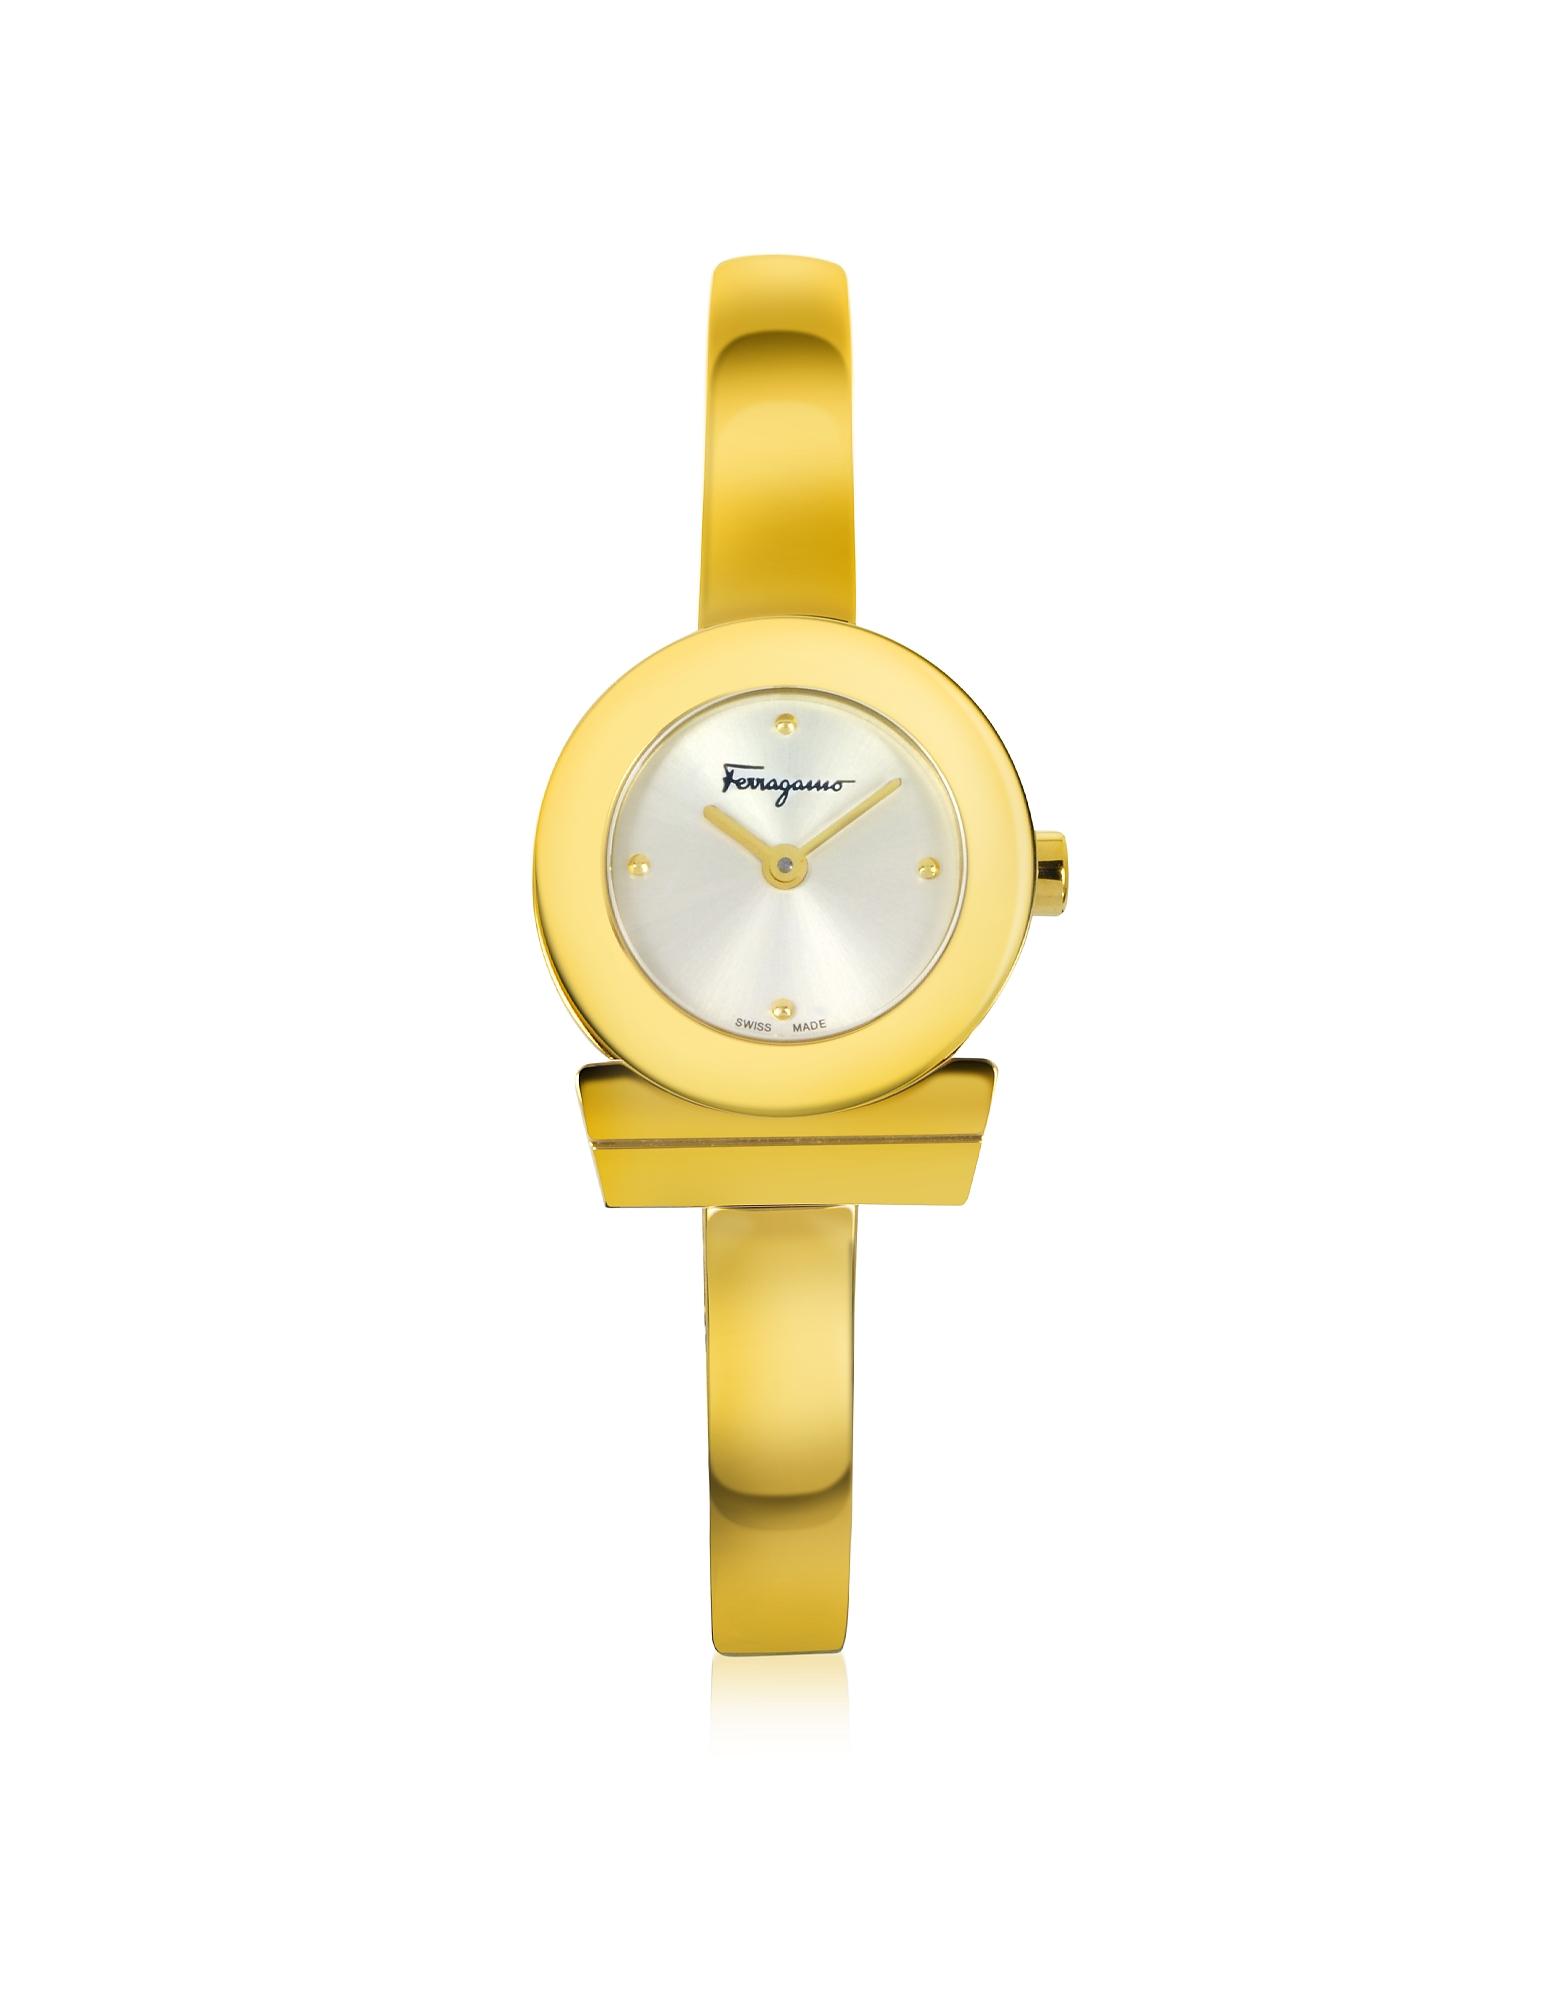 Gancino Позолоченные Женские Часы из Нержавеющей Стали